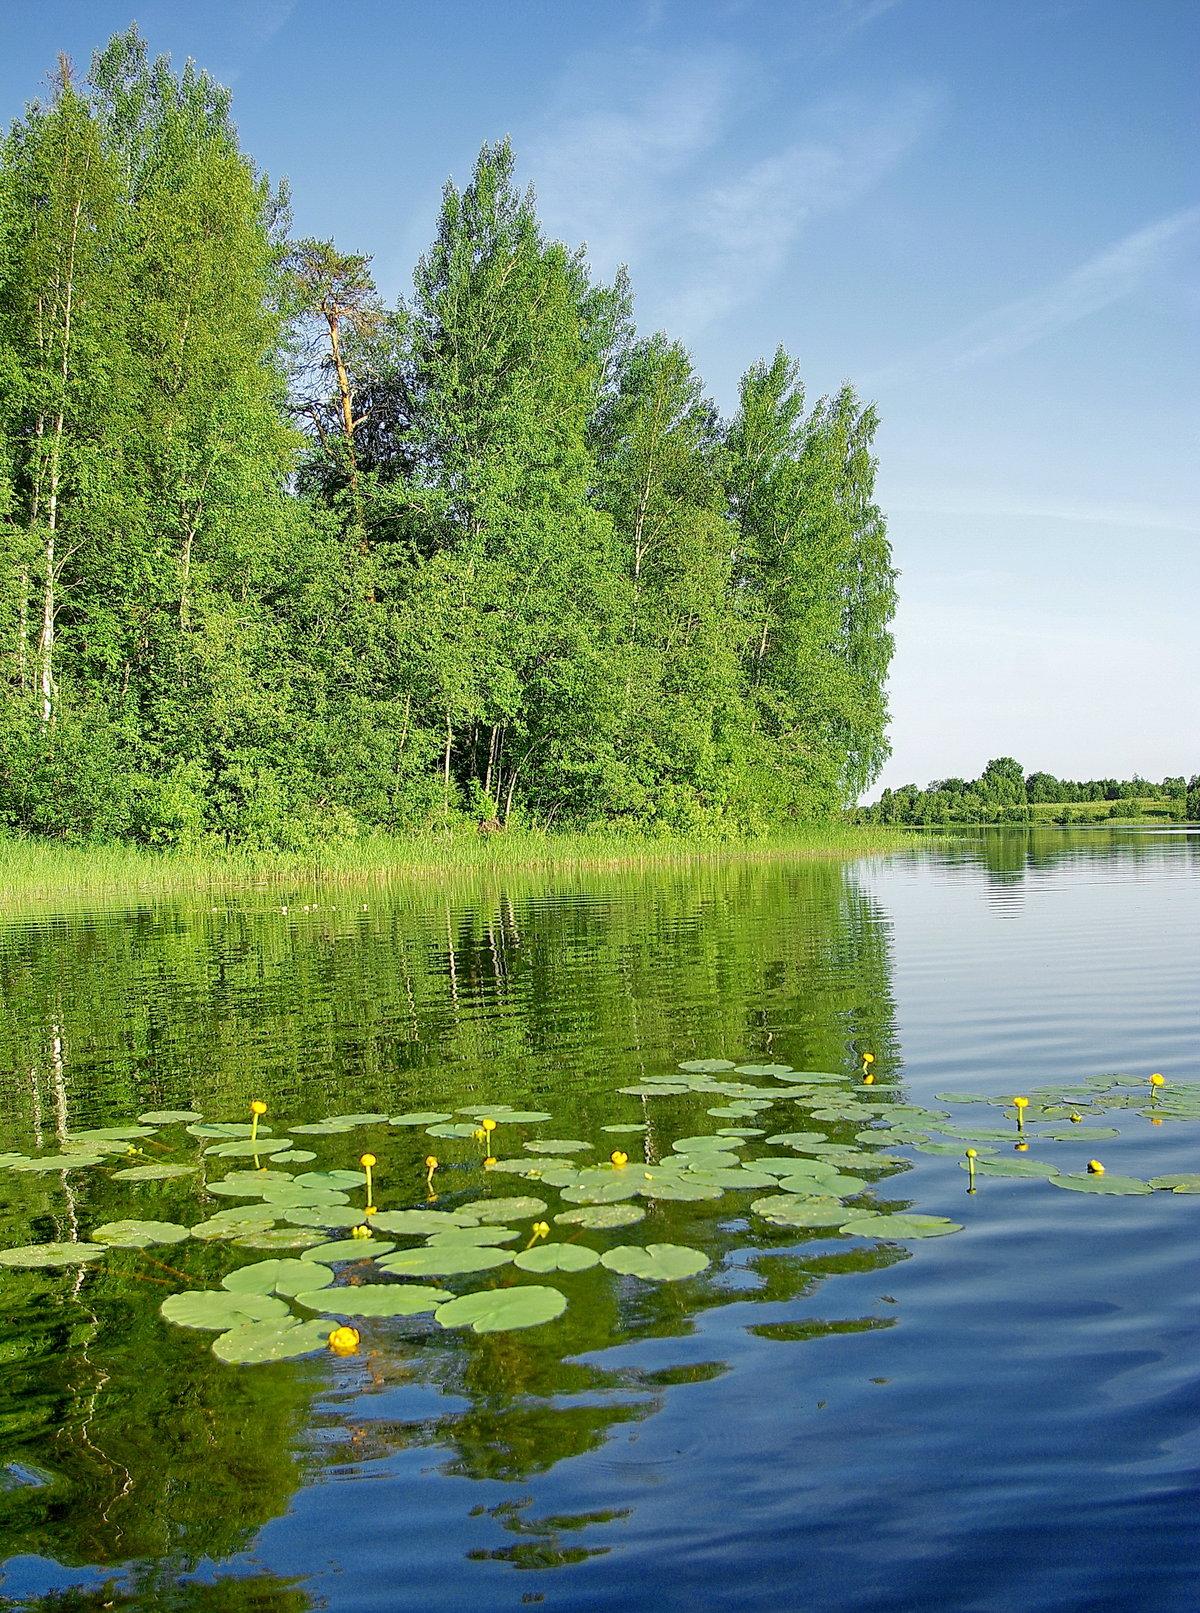 фото тихая заводь картинки река озеро это